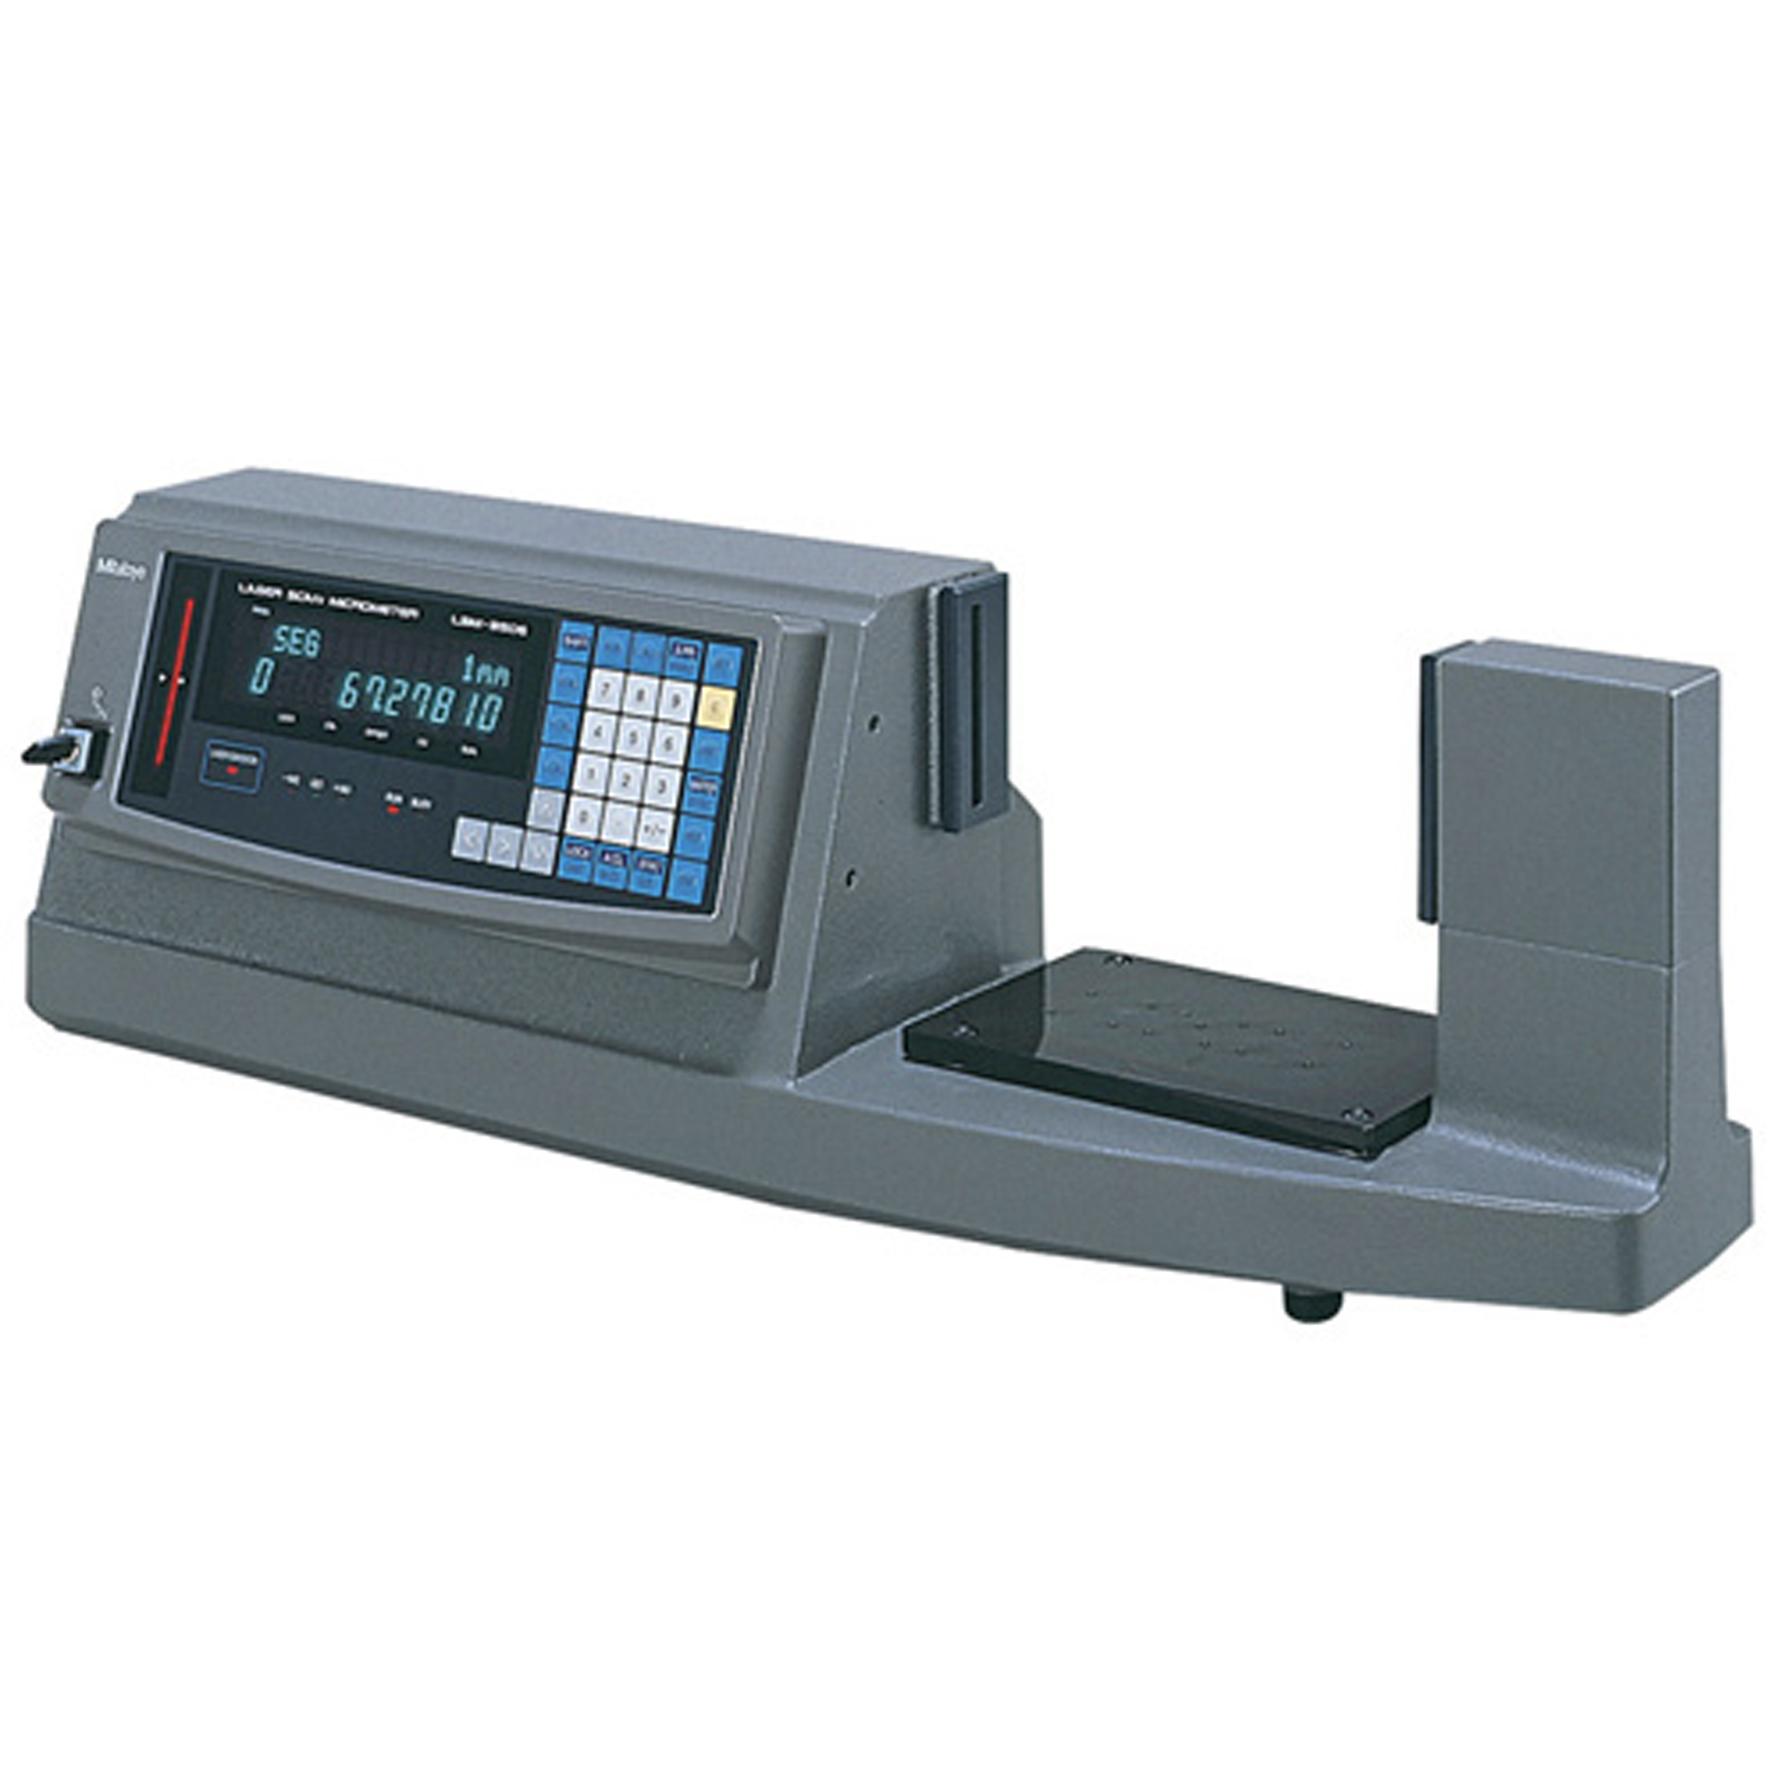 Micrómetros Láser Serie 544 (LSM-9506, LSM-516S, LSM-512S, LSM-506S, LSM-503S,